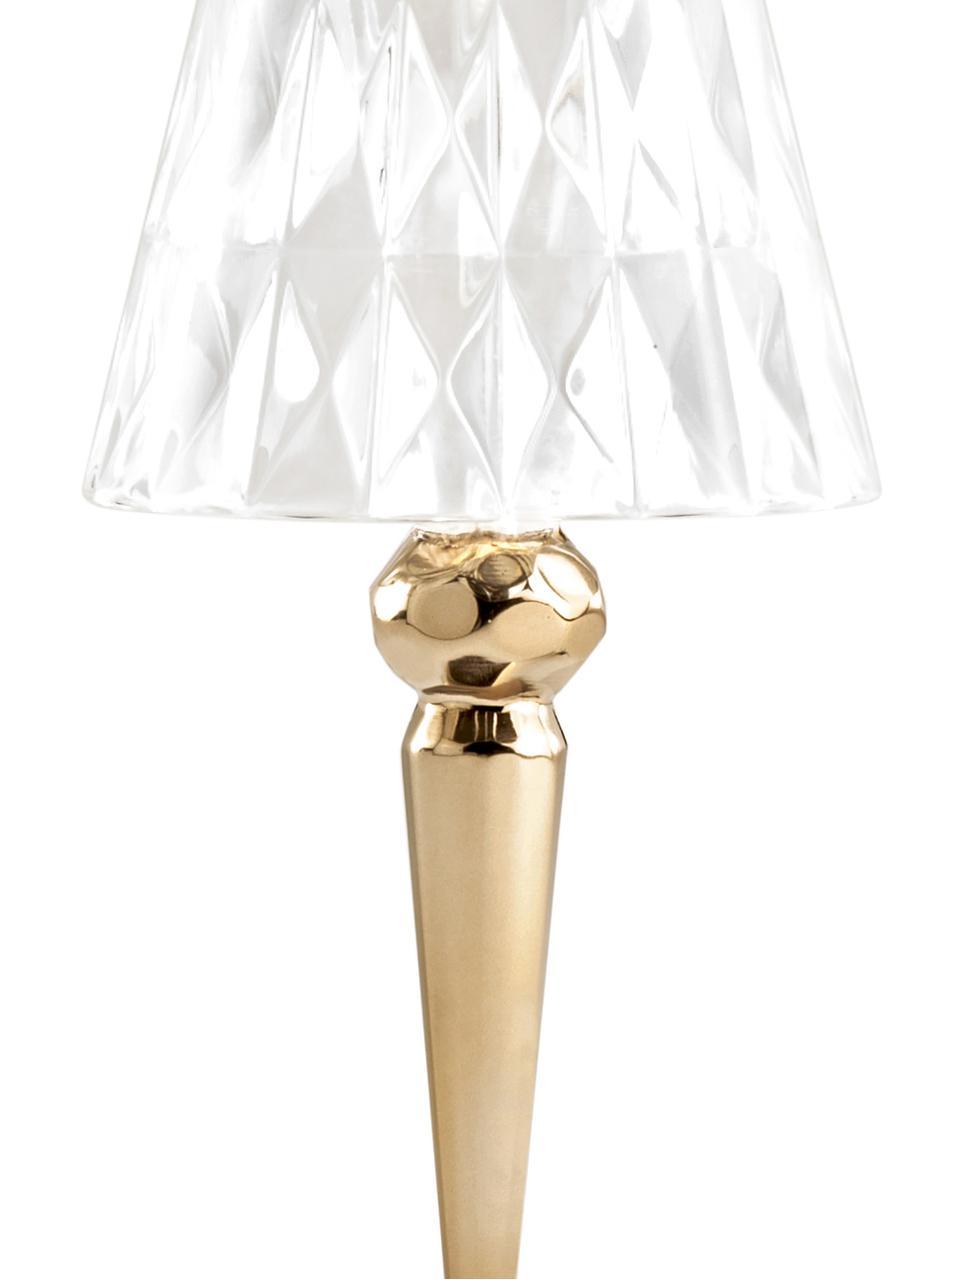 Malá designová stolní LED lampa Battery, Zlatá, transparentní